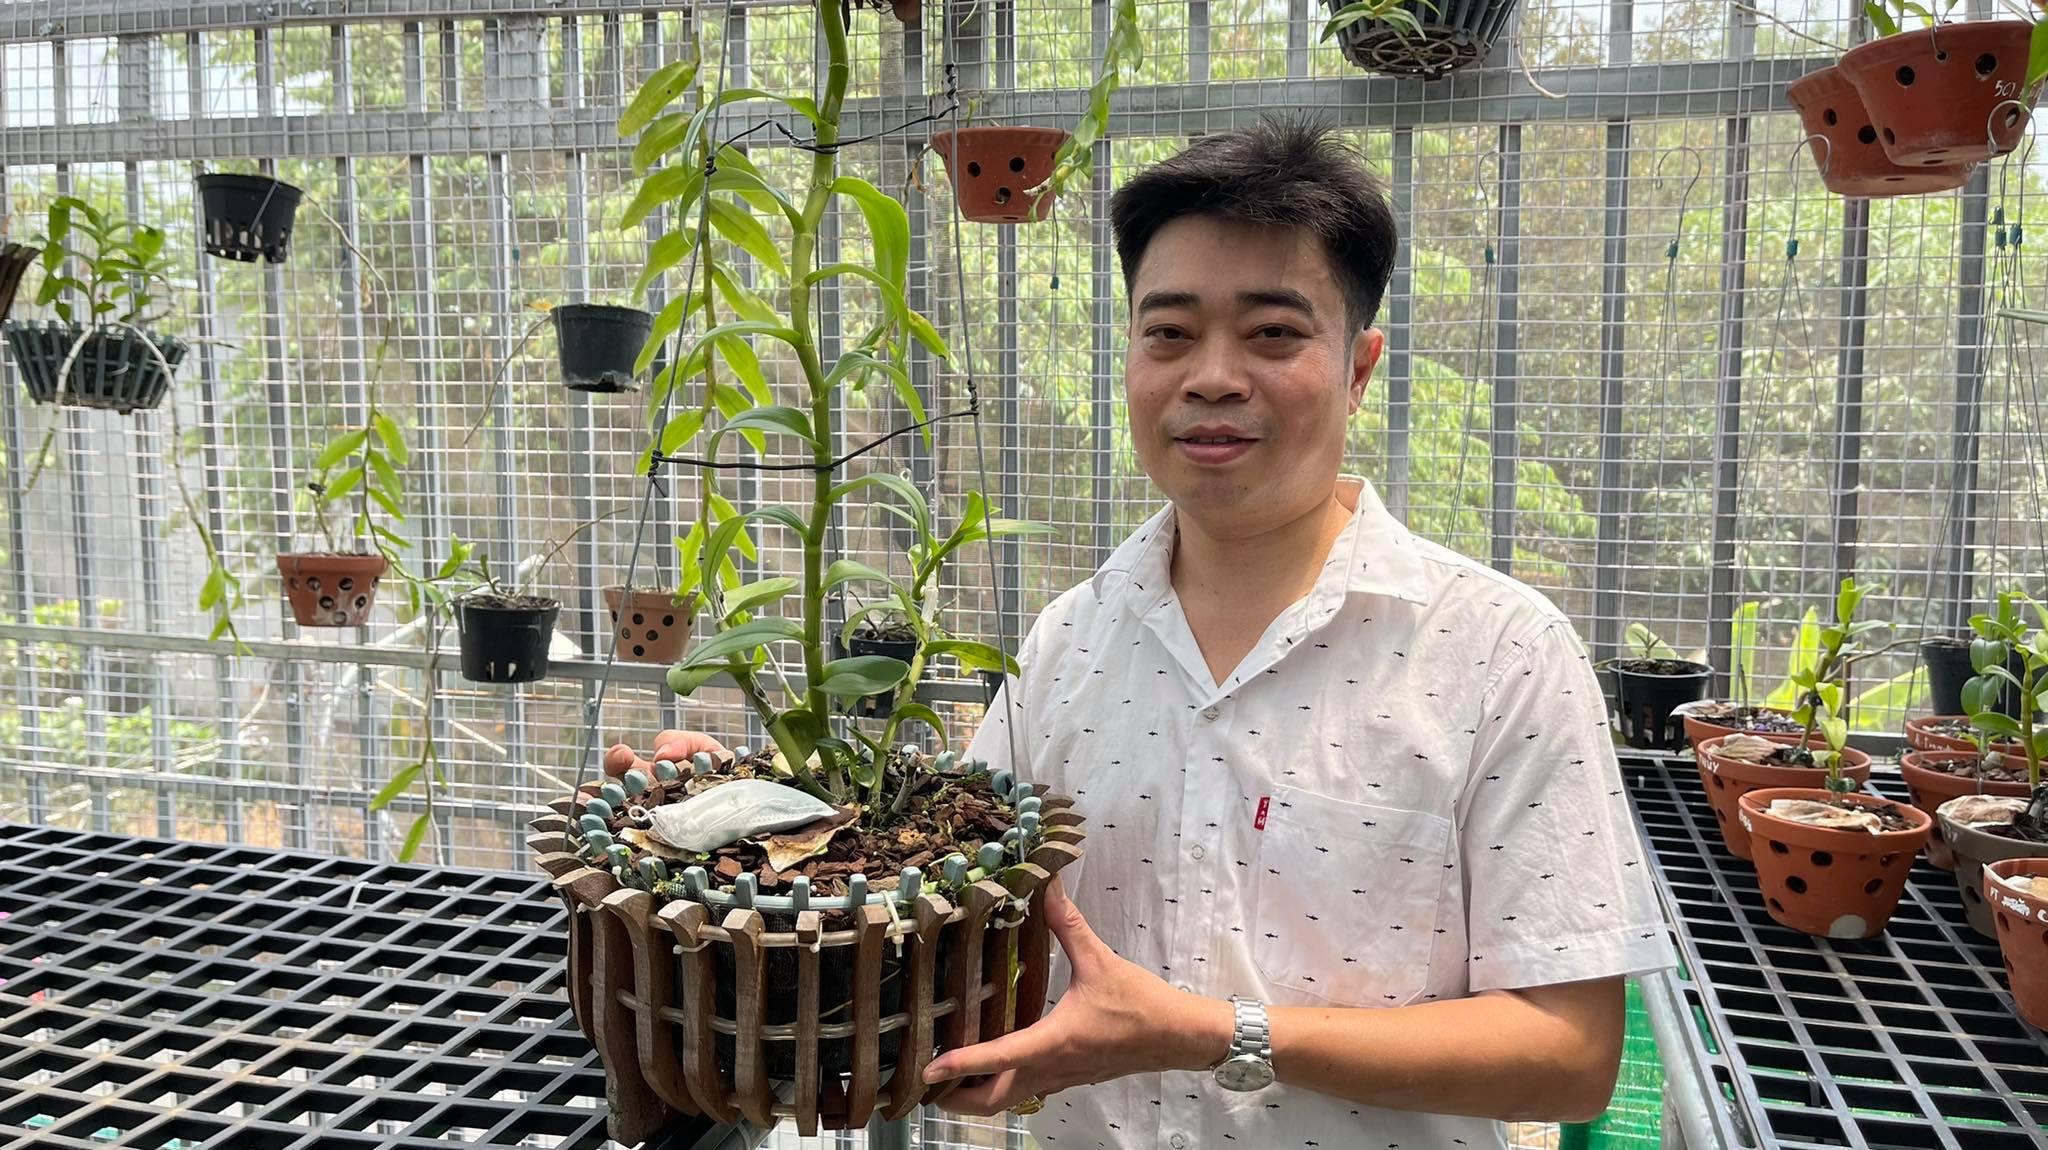 Ông chủ vườn lan 8X Nguyễn Hữu Tân và mơ ước về một vườn lan trăm loài - Ảnh 4